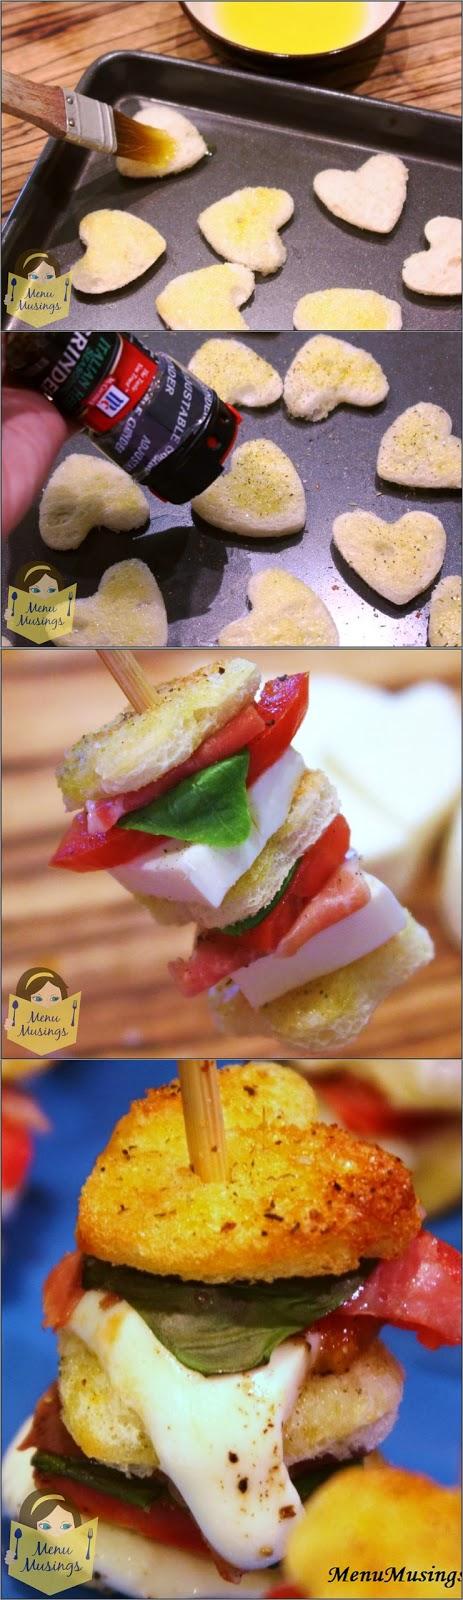 http://menumusings.blogspot.com/2013/04/mozzarella-skewers.html